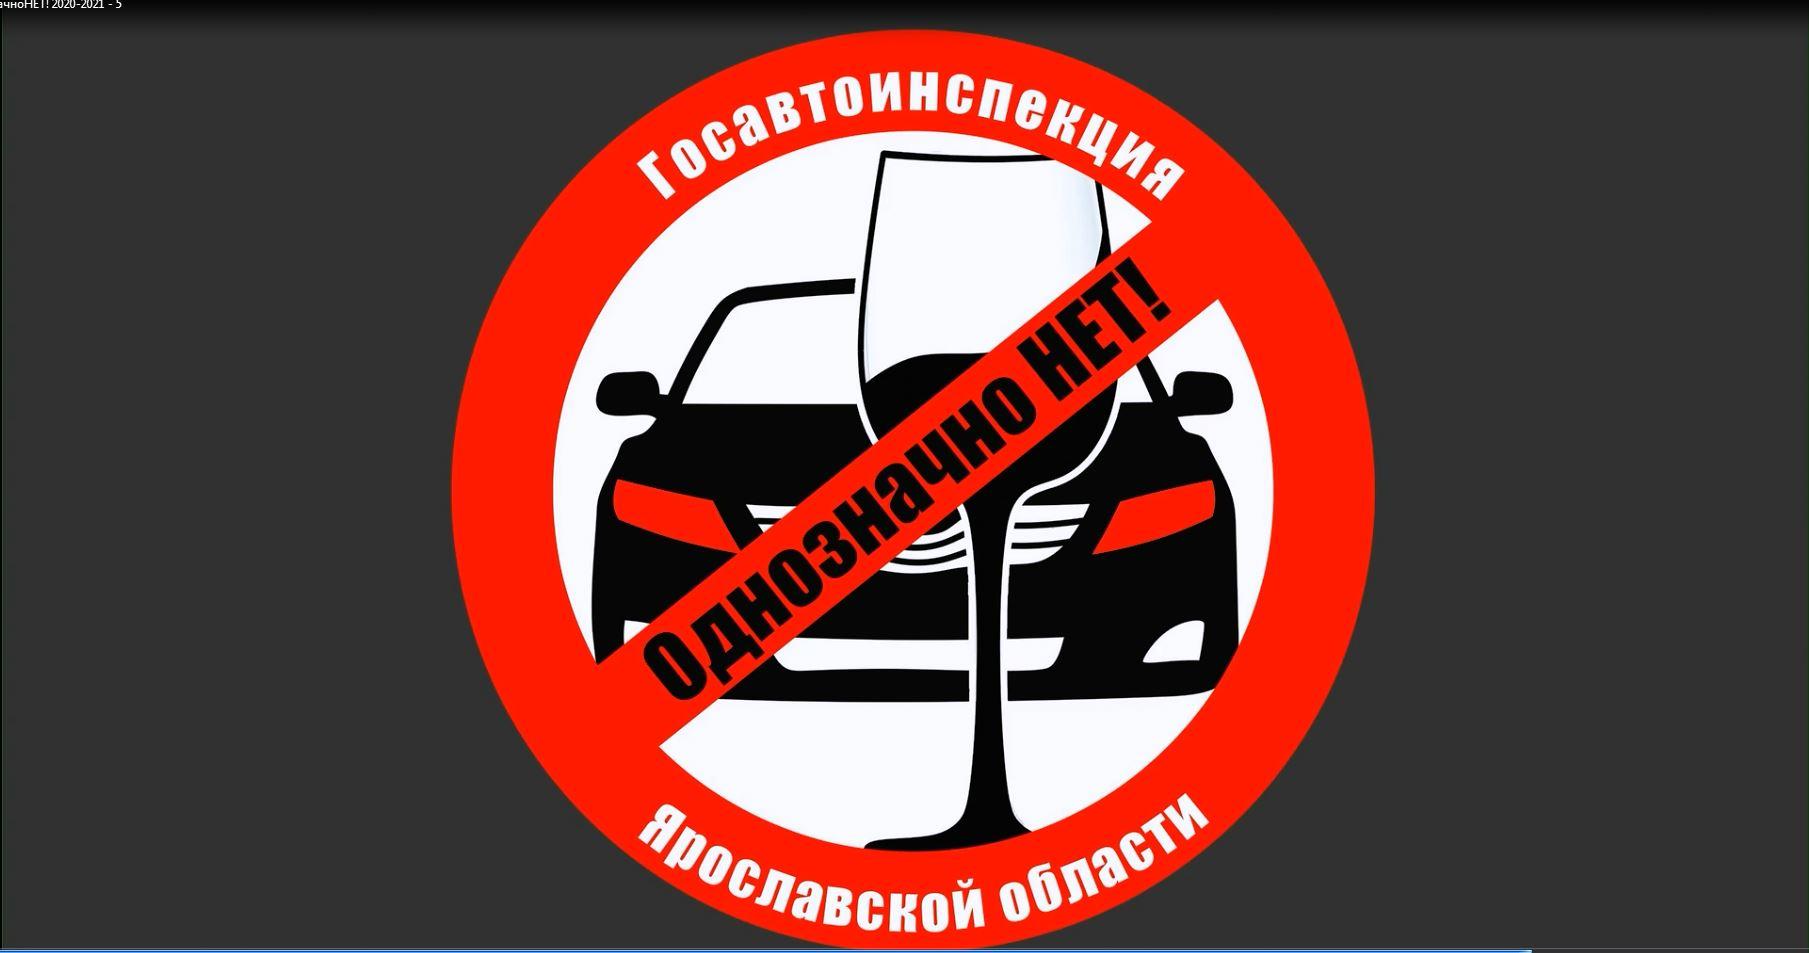 В Ярославской области размещено 56 объектов социальной рекламы